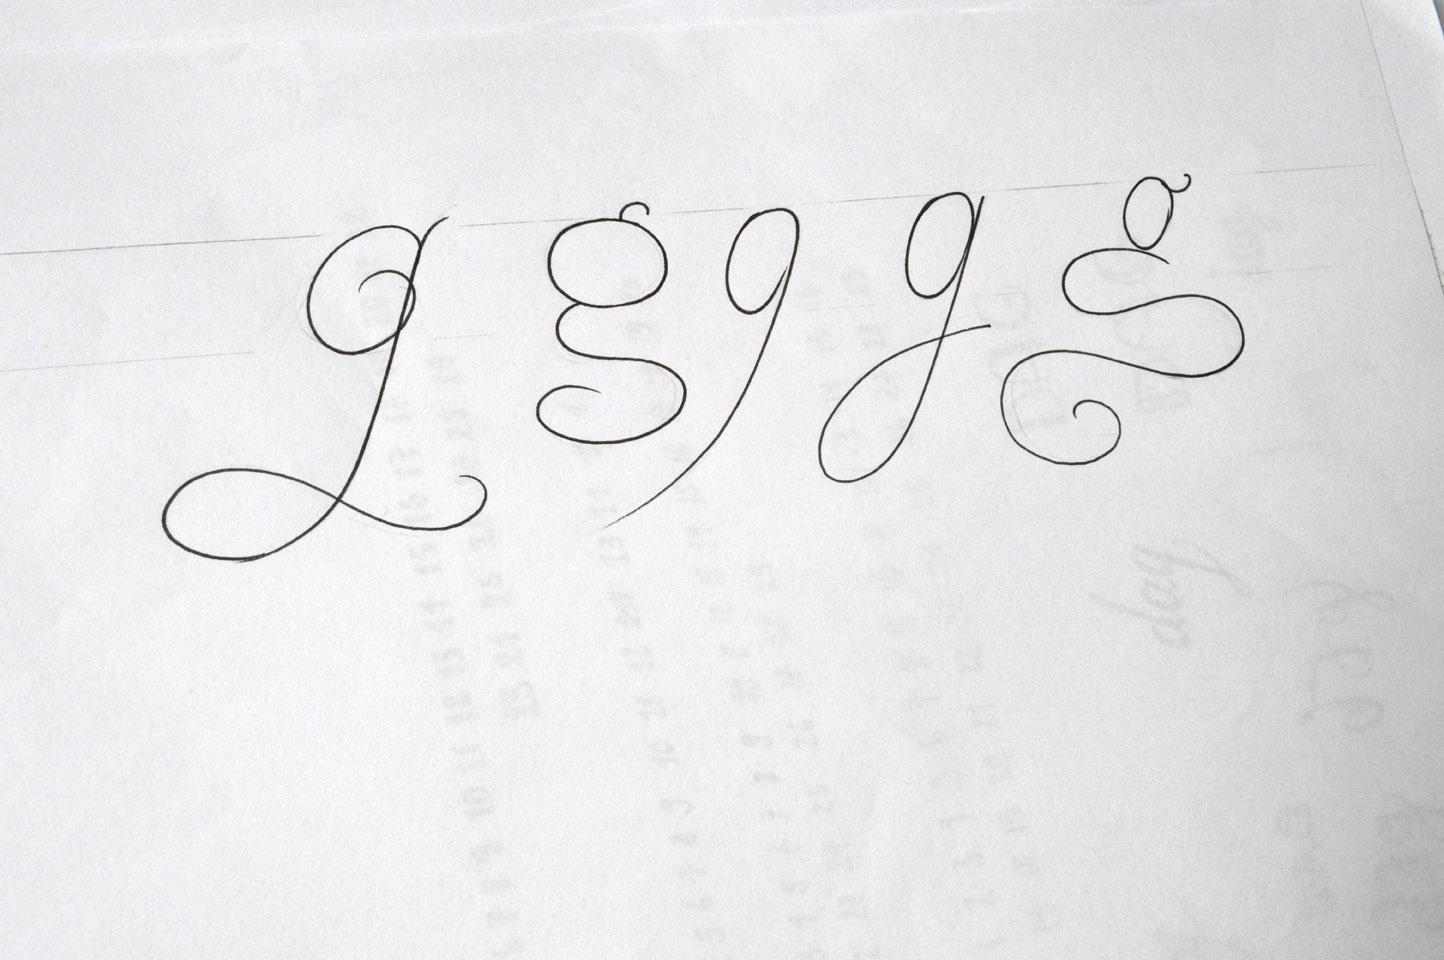 ggggg-Letterhand-Flow